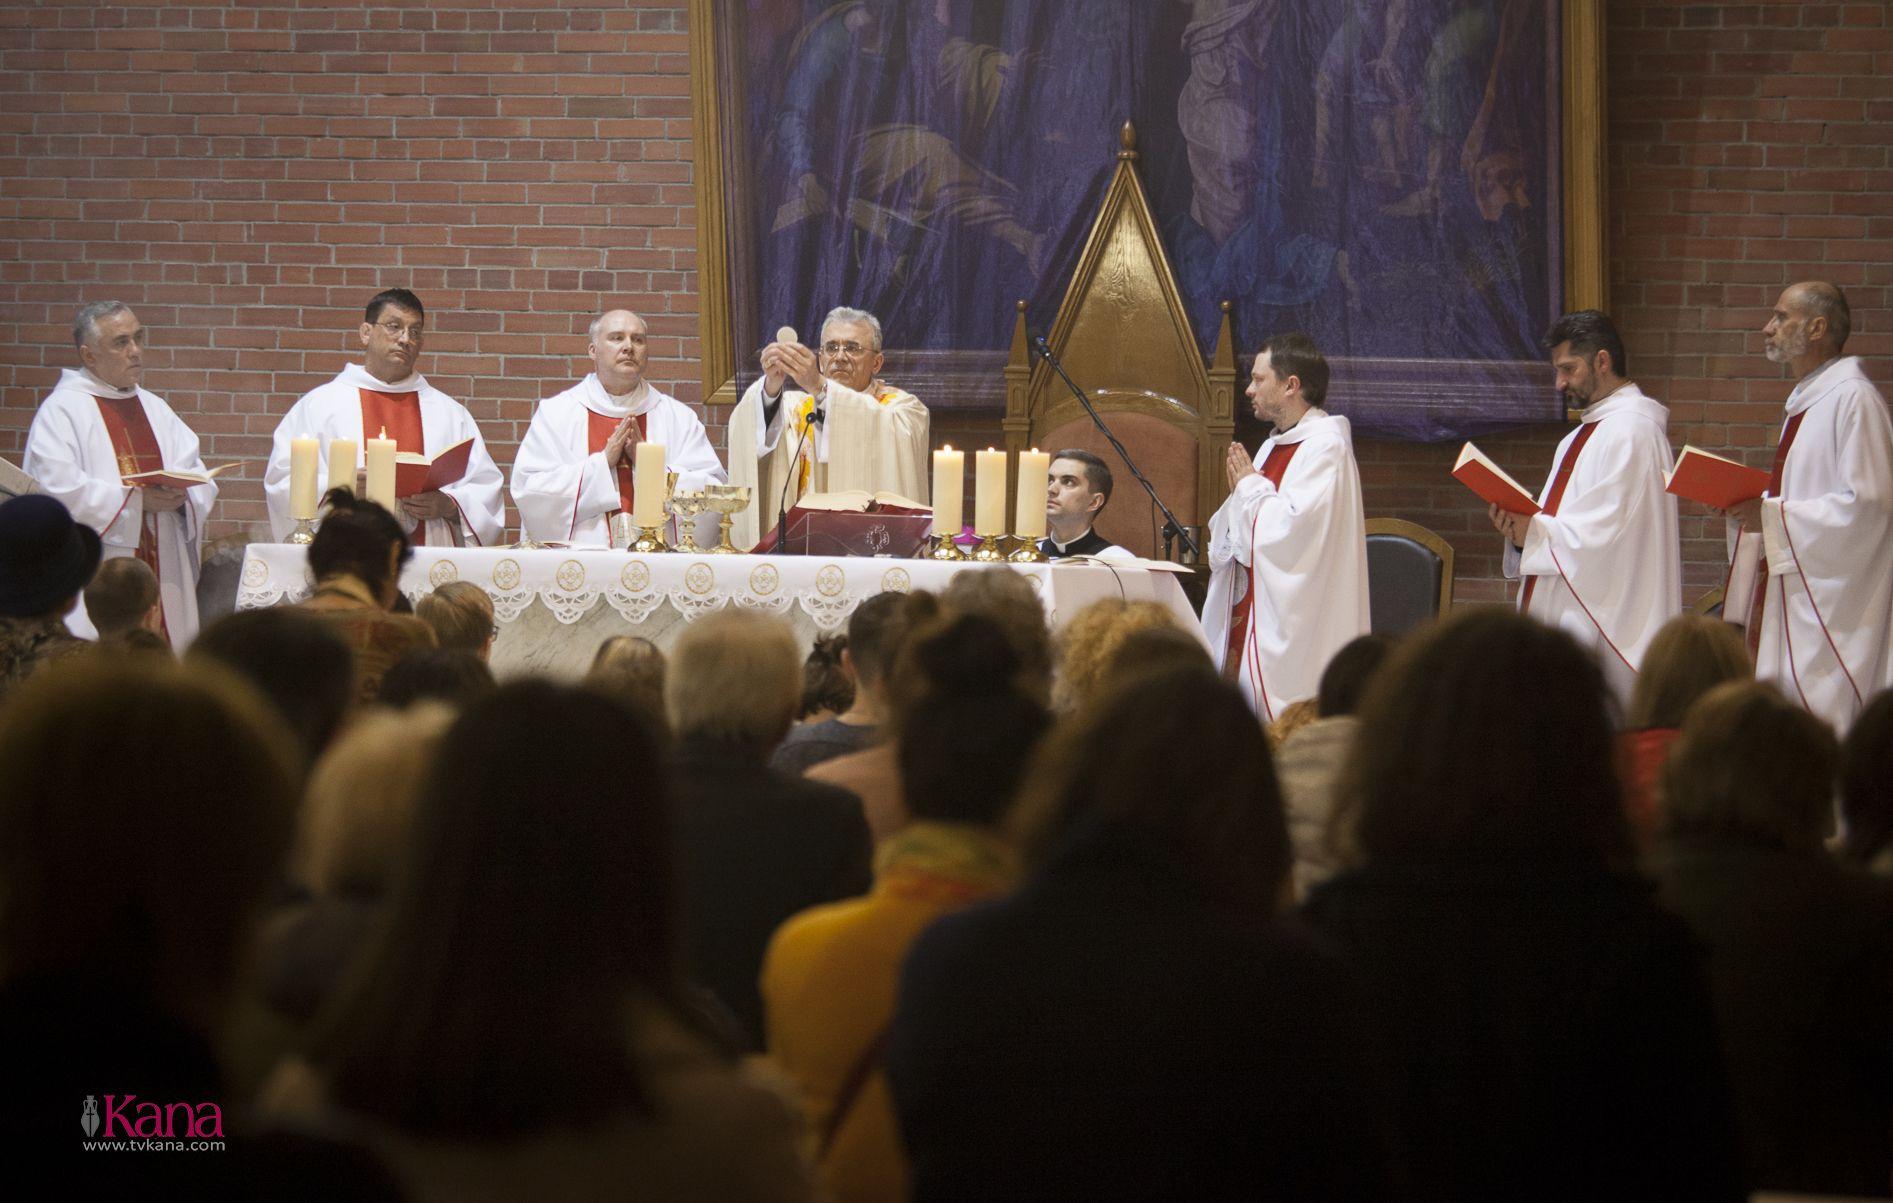 Месса Воспоминания Тайной Вечери в Кафедральном соборе Новосибирска